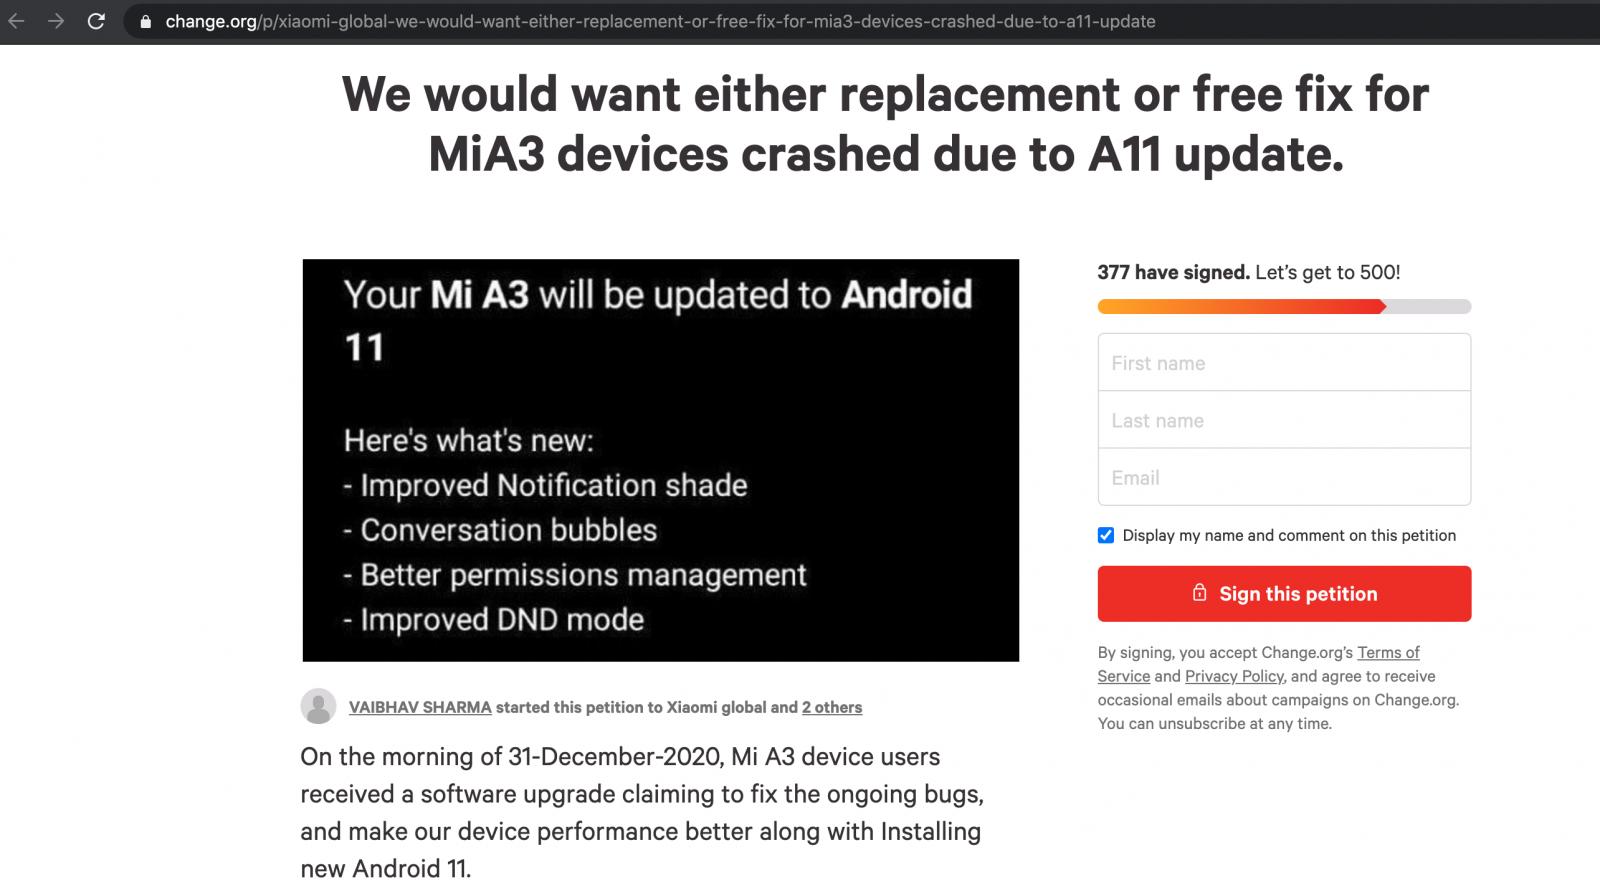 Xiaomi M1 A3